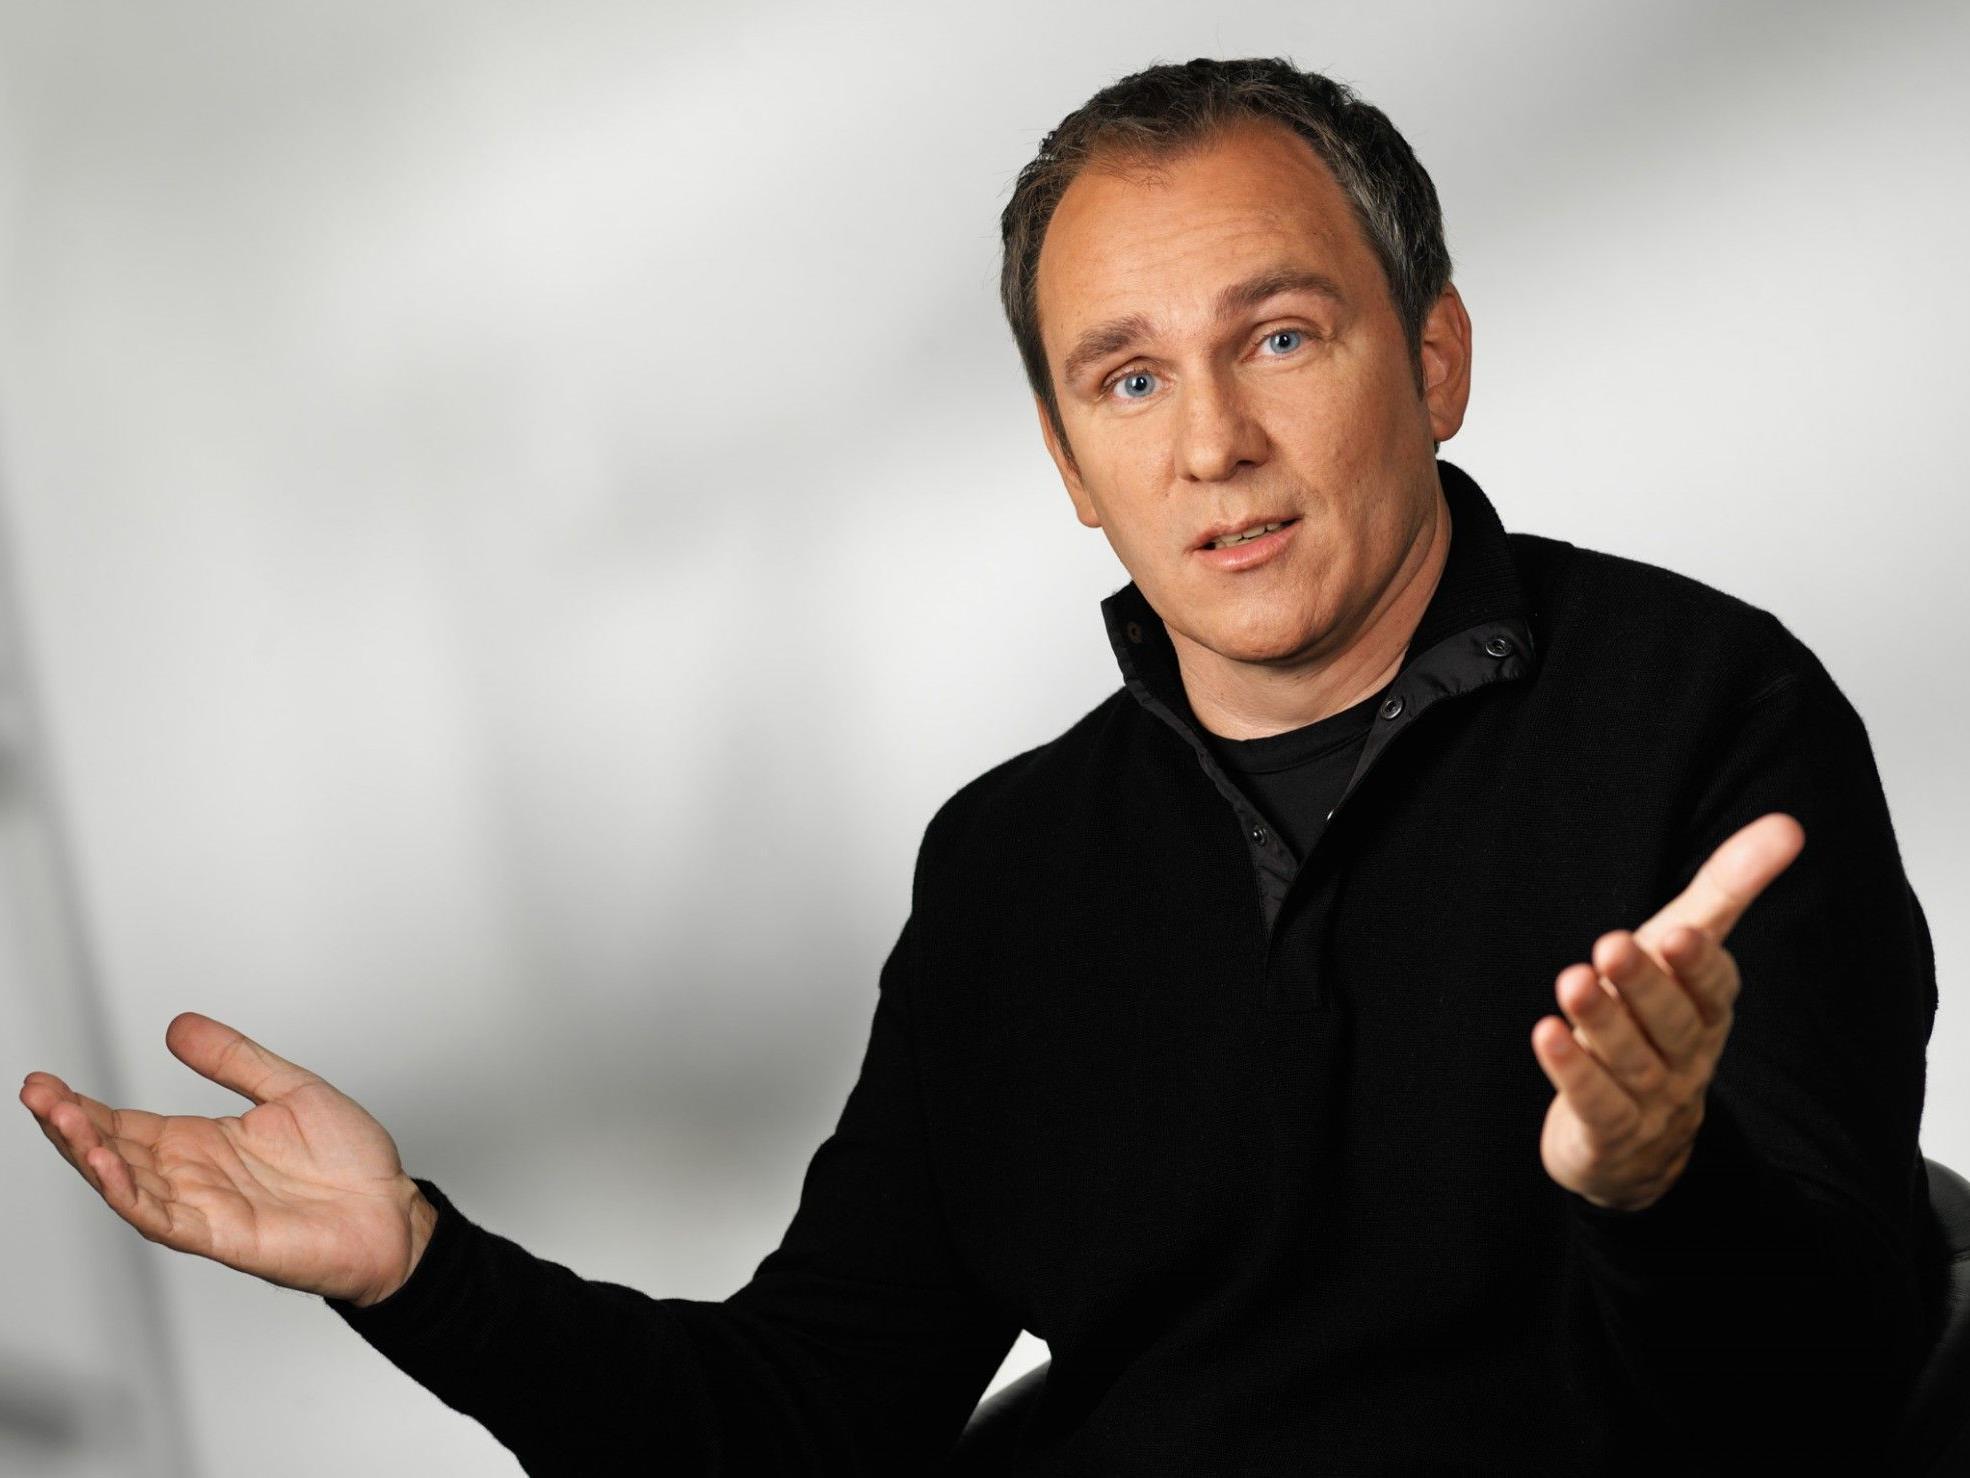 """Coach, Kabarettist und Buchautor Eric Adler moderiert das UBIT-Forum 2012 zu den """"Faktoren gelingender Beratung""""."""